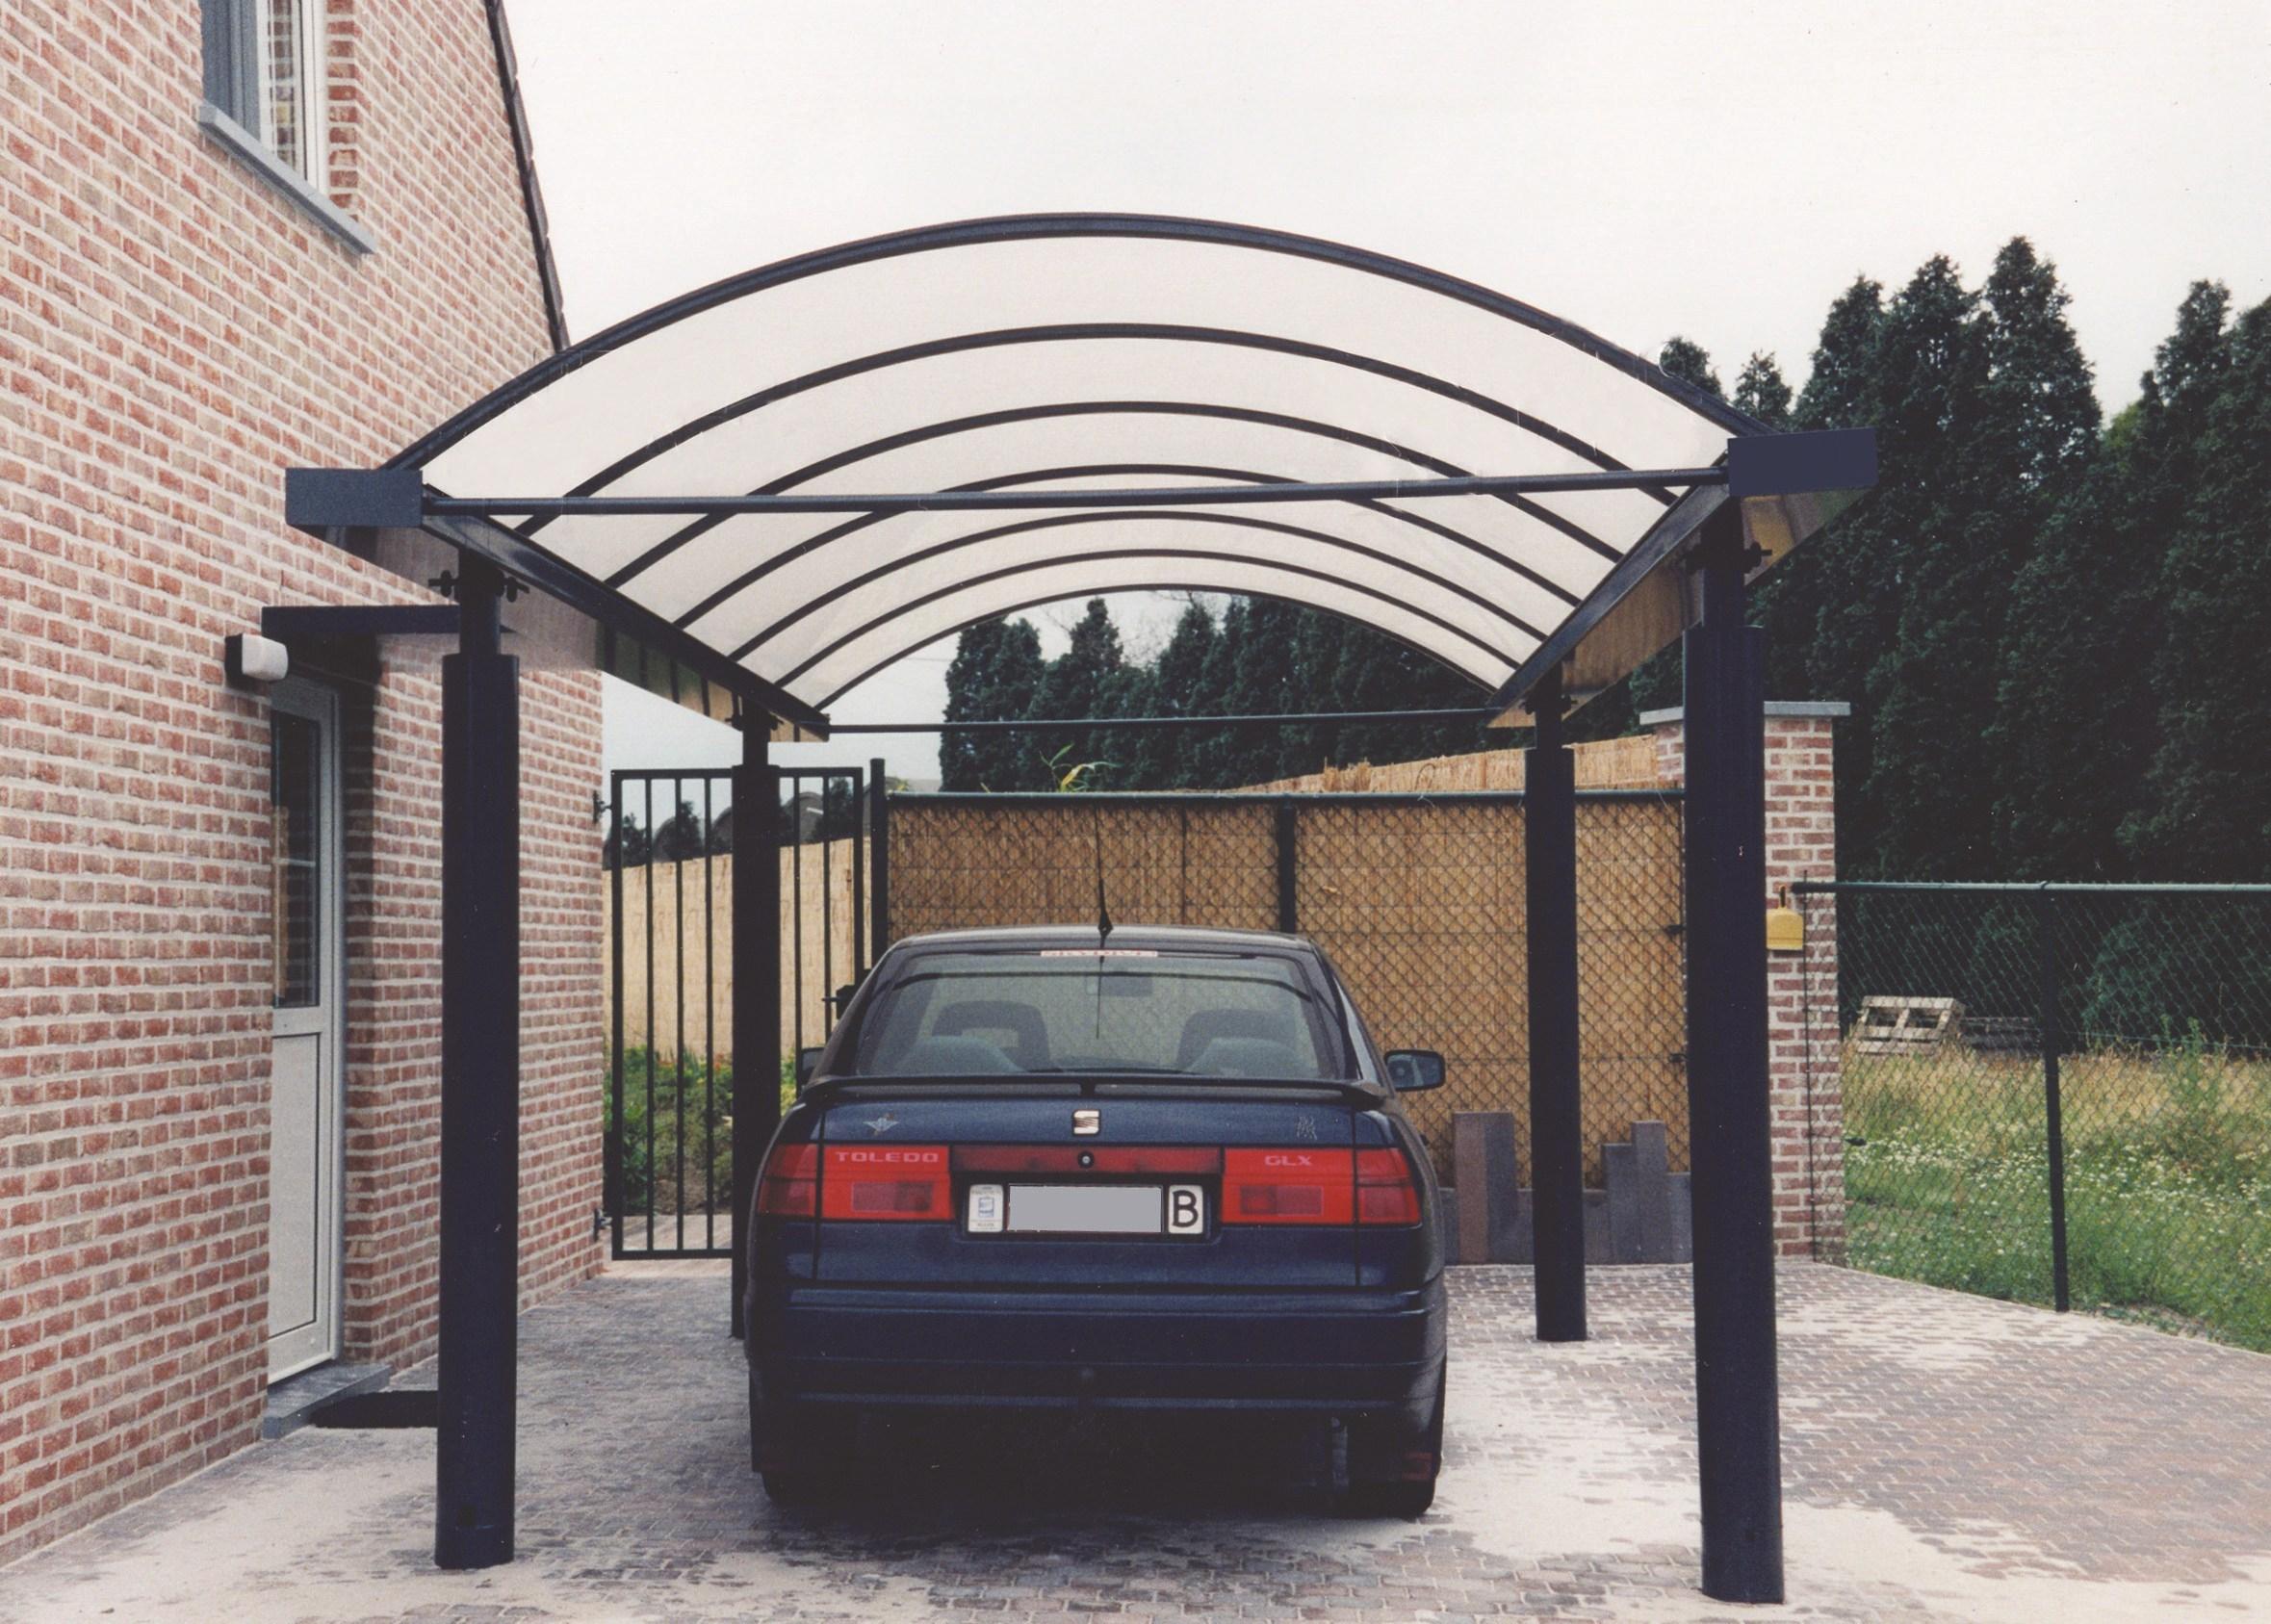 Tonnelle Parapluie Gifi Beau Image tonnelle Metal Pas Cher Excellent tonnelle Barnum tonnelle Pavillon